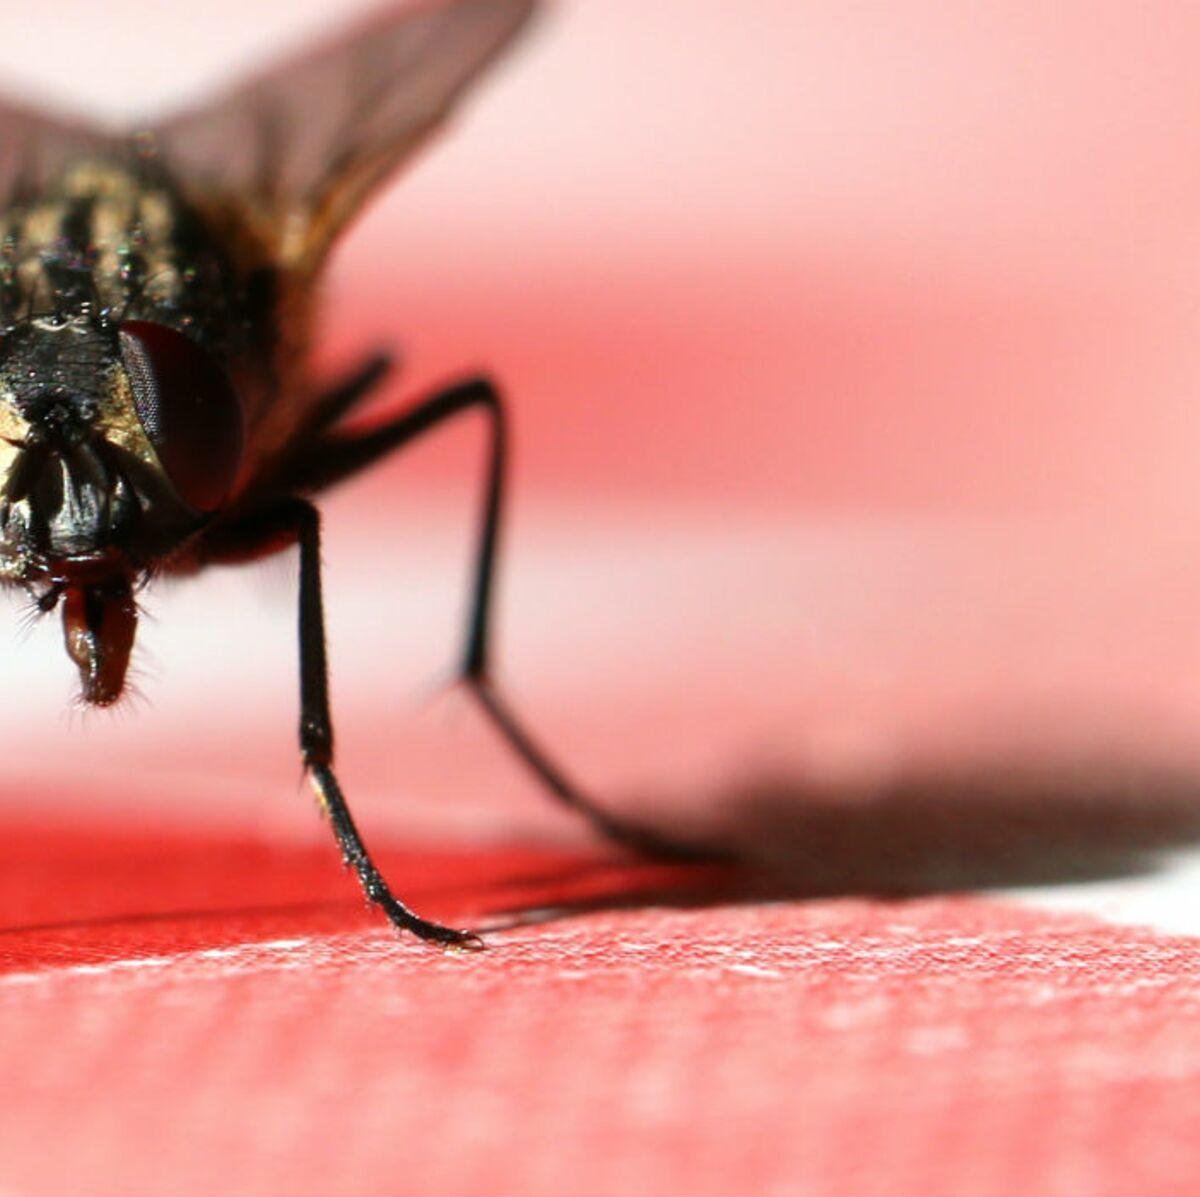 Bicarbonate De Soude Contre Les Pucerons 8 astuces naturelles pour se débarrasser des mouches dans la